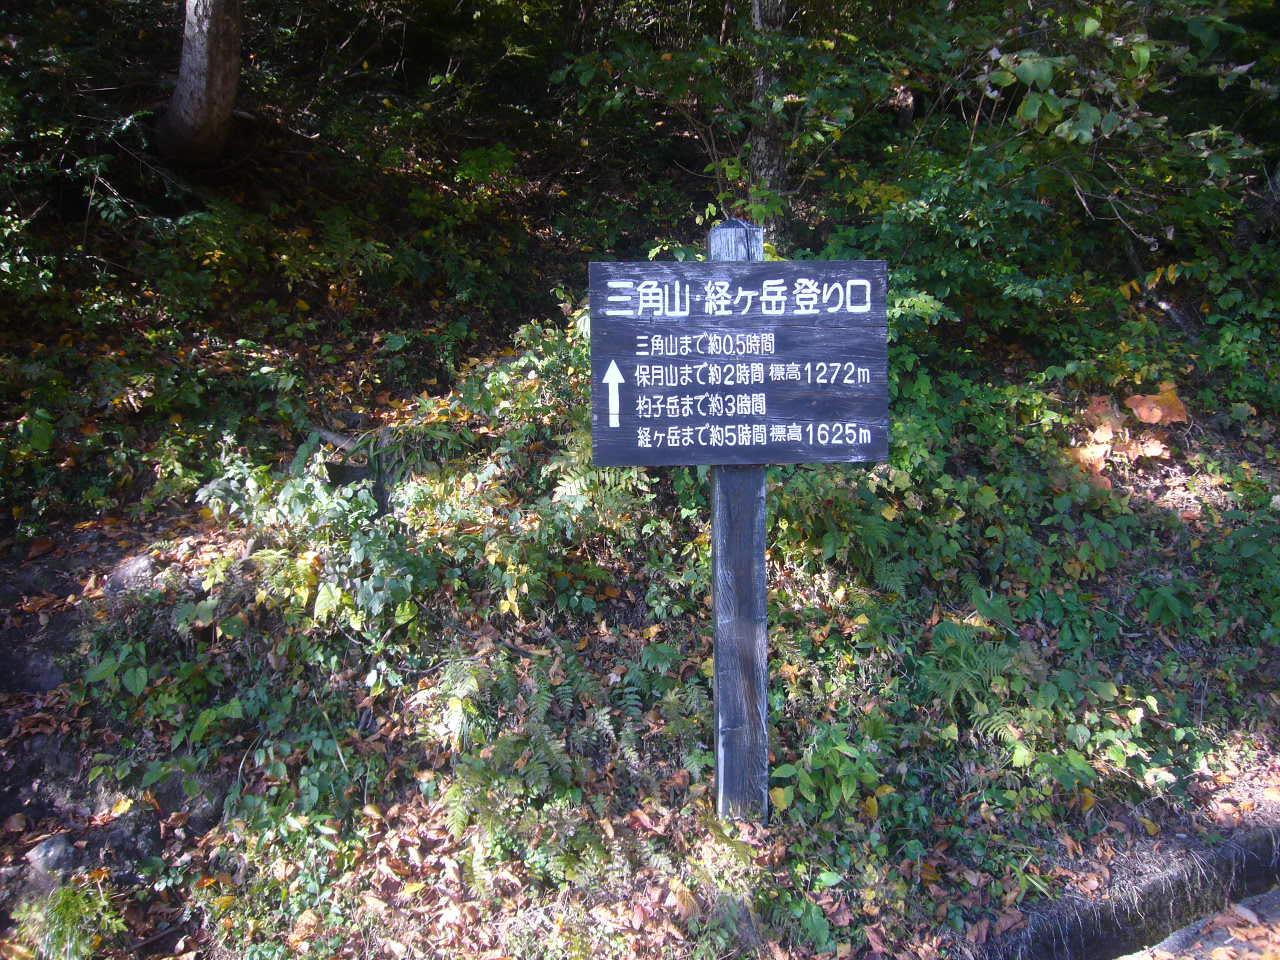 正規?の登山口(青少年自然の家から徒歩10分) H26.10.29撮影